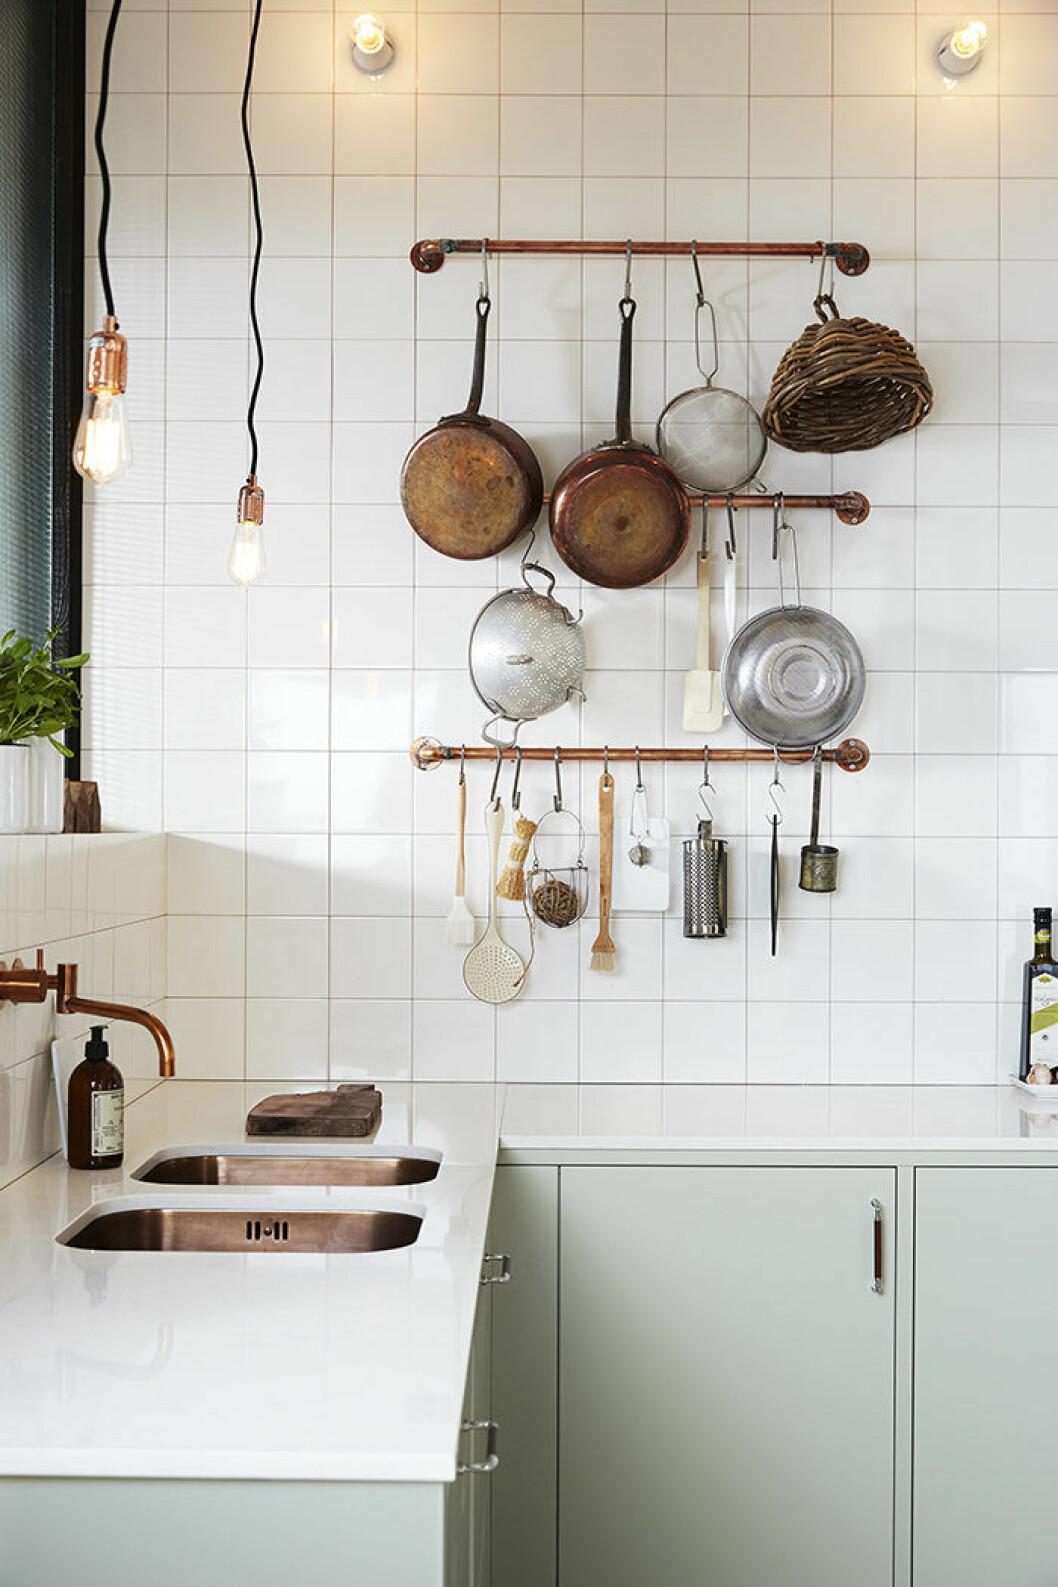 Belysning är viktigt i köket, här hos Ballingslöv